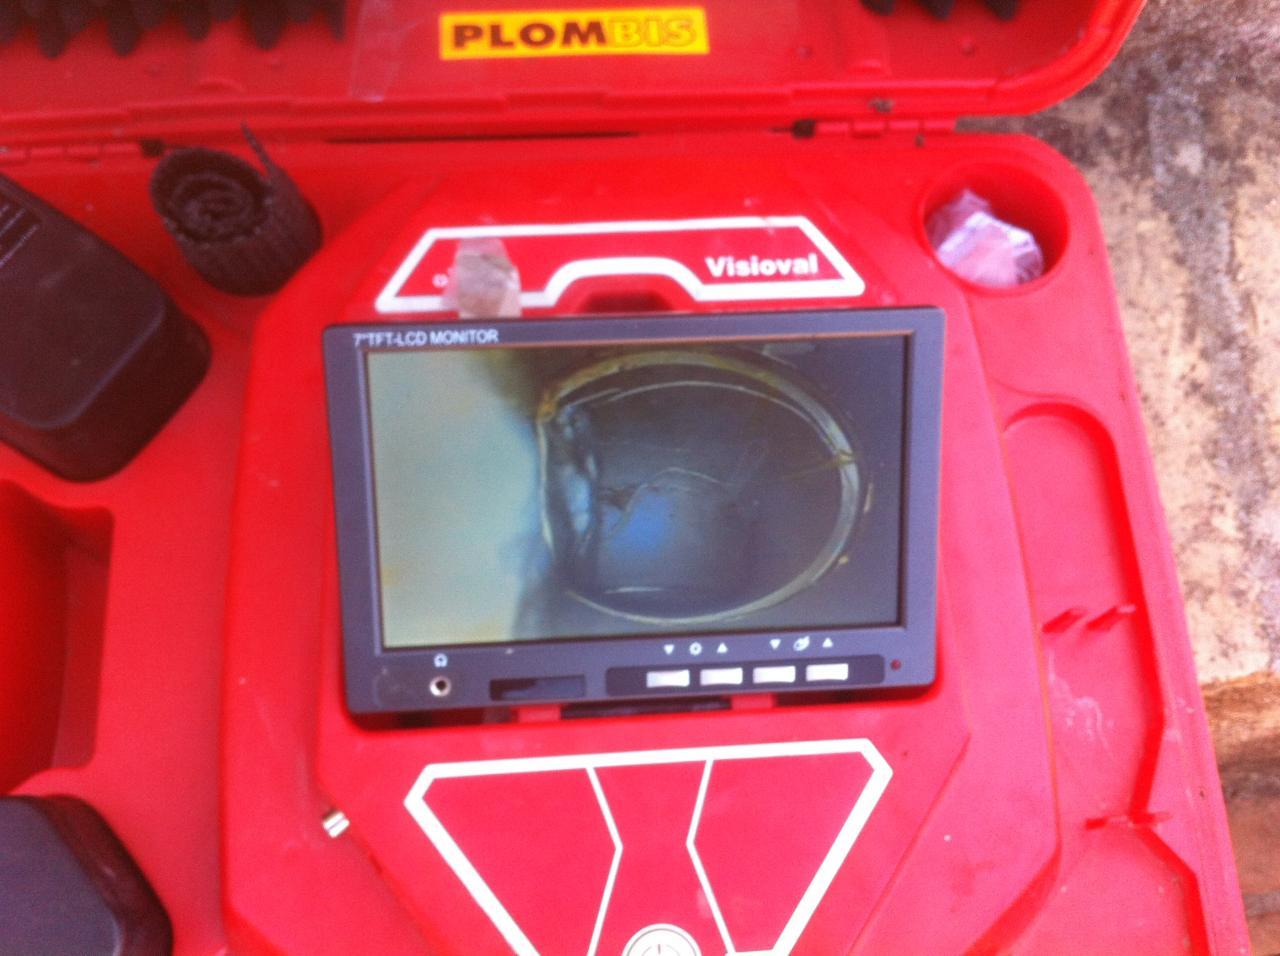 passage caméra visioval dans canalisation pour trouver la fuite